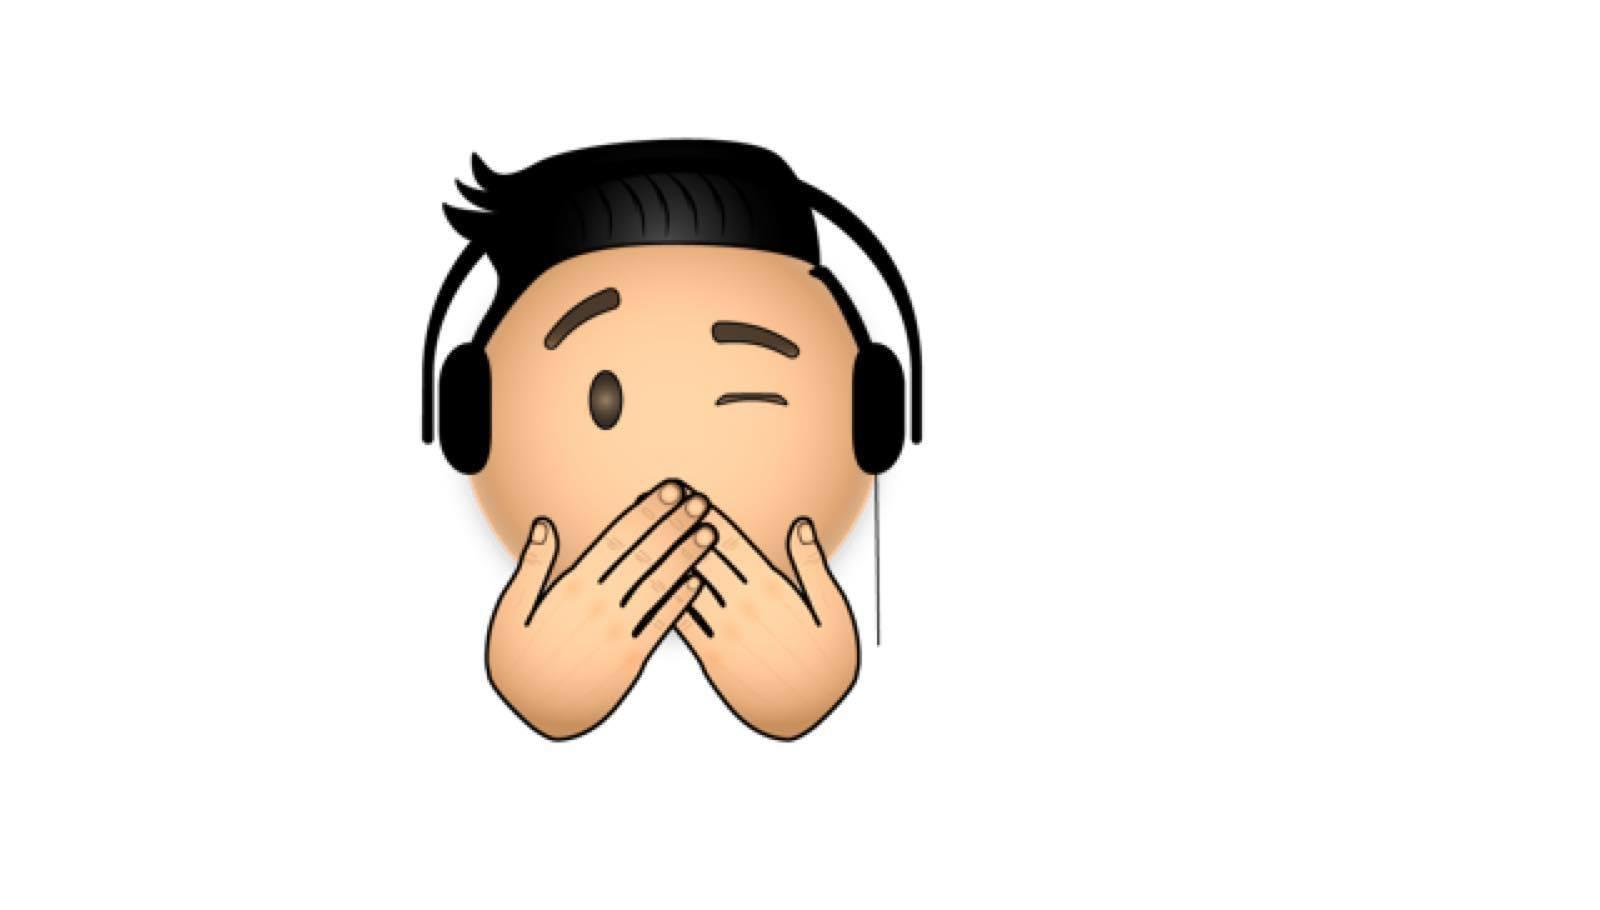 Emoji #JamieKiss!